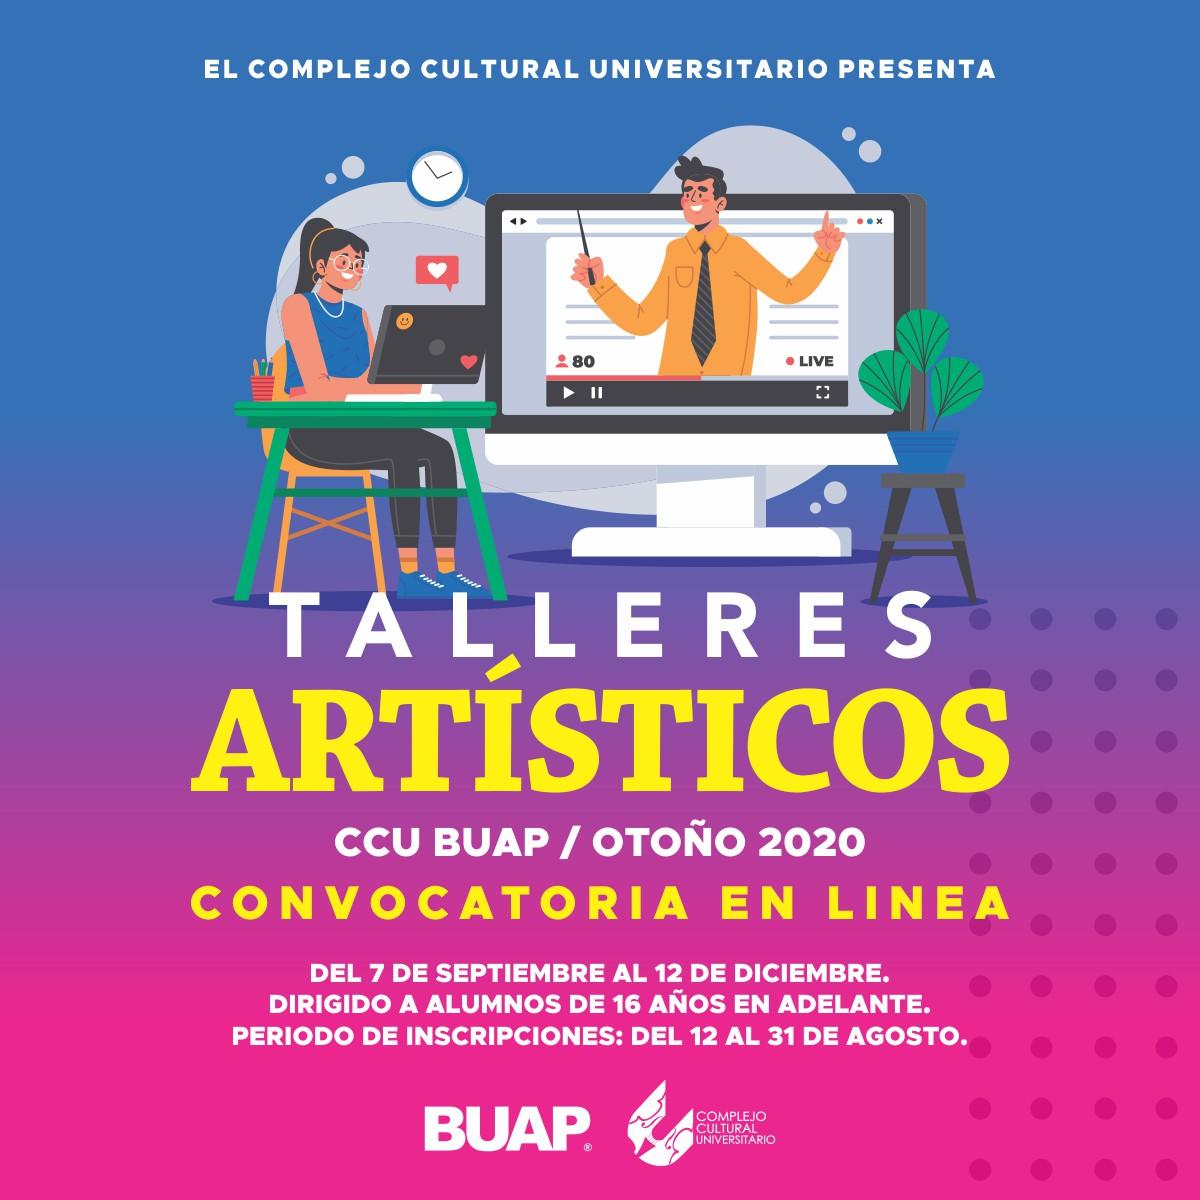 El Complejo Cultural Universitario de la BUAP anuncia Talleres Artísticos en línea